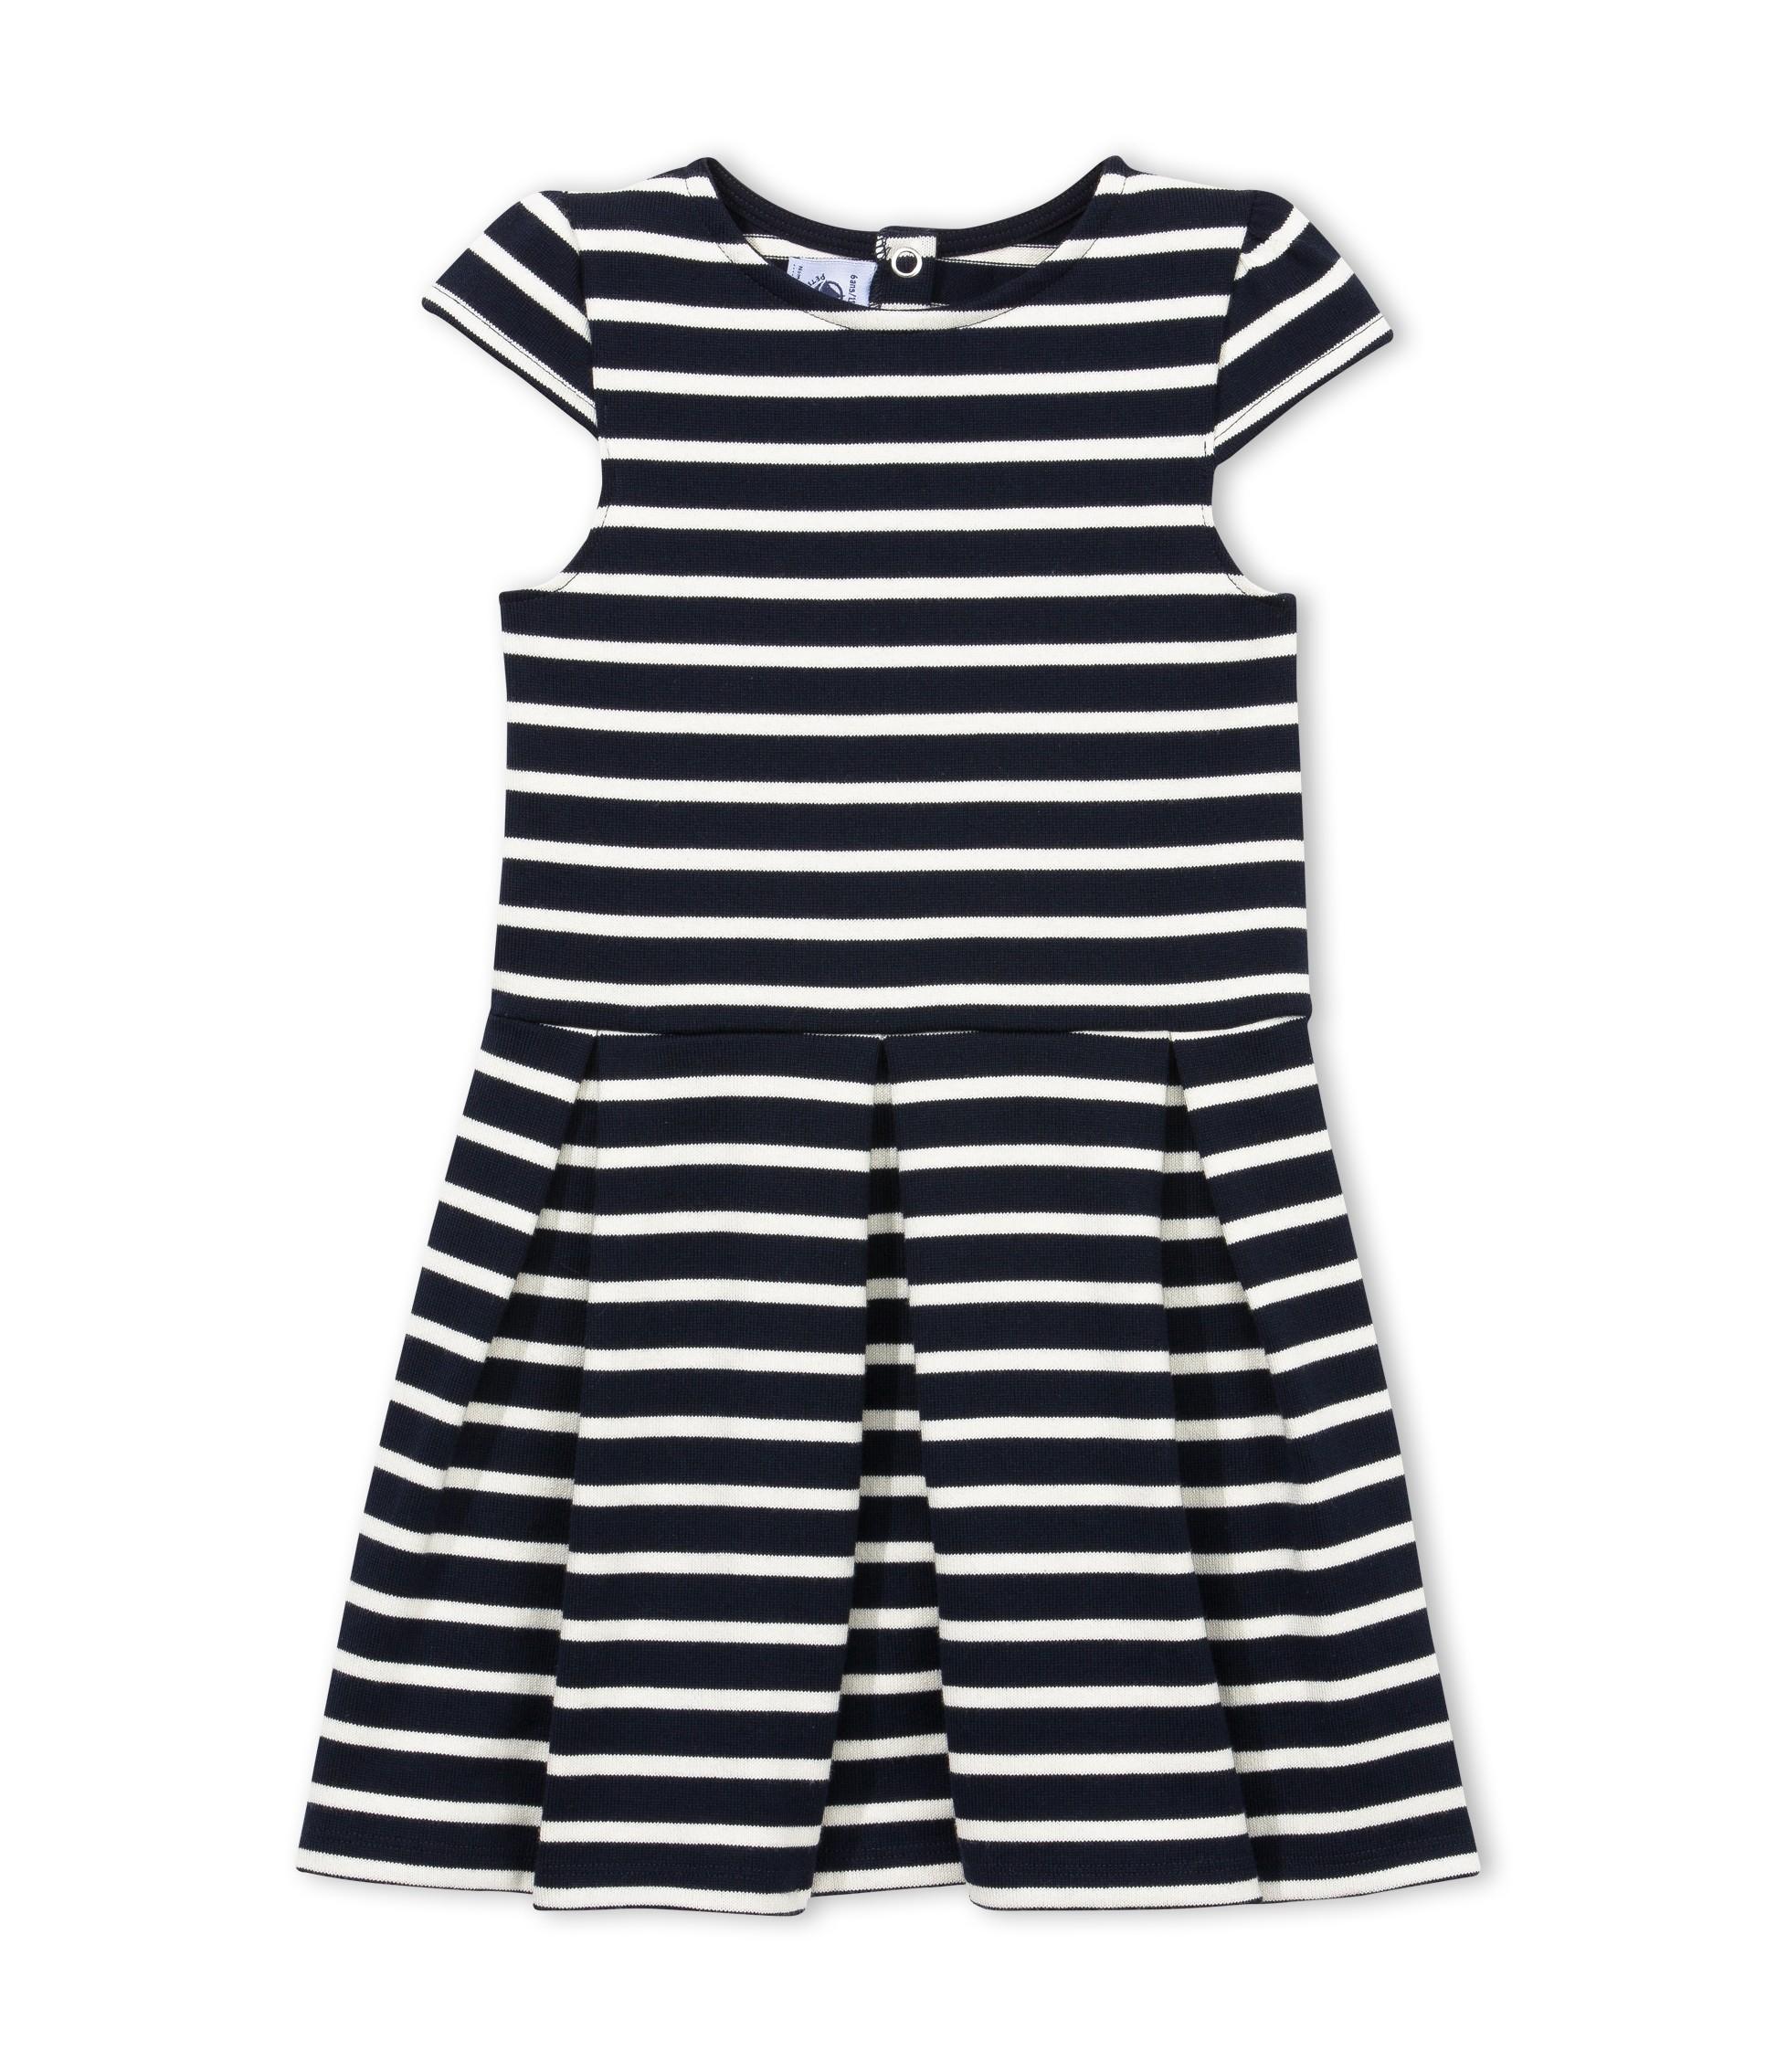 49100050cca41 PETIT BATEAU Robe marinière pour fille en jersey lourd bleu foncé rayé